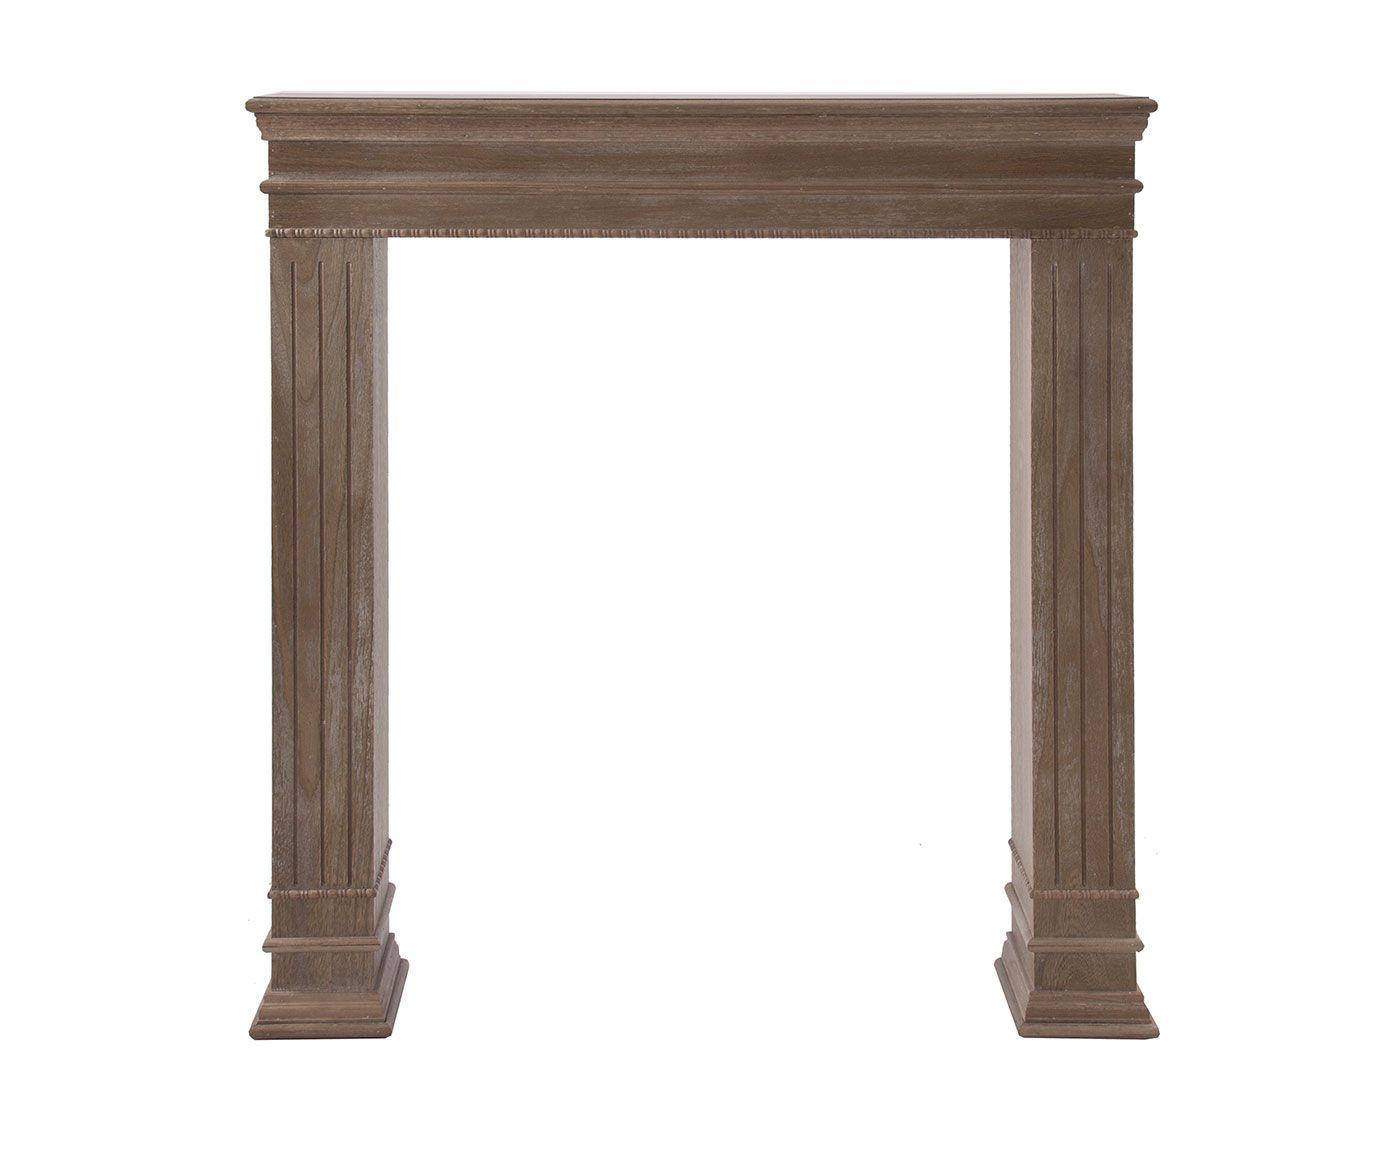 Marco embellecedor para chimeneas de madera de paulonia - Madera para chimenea ...